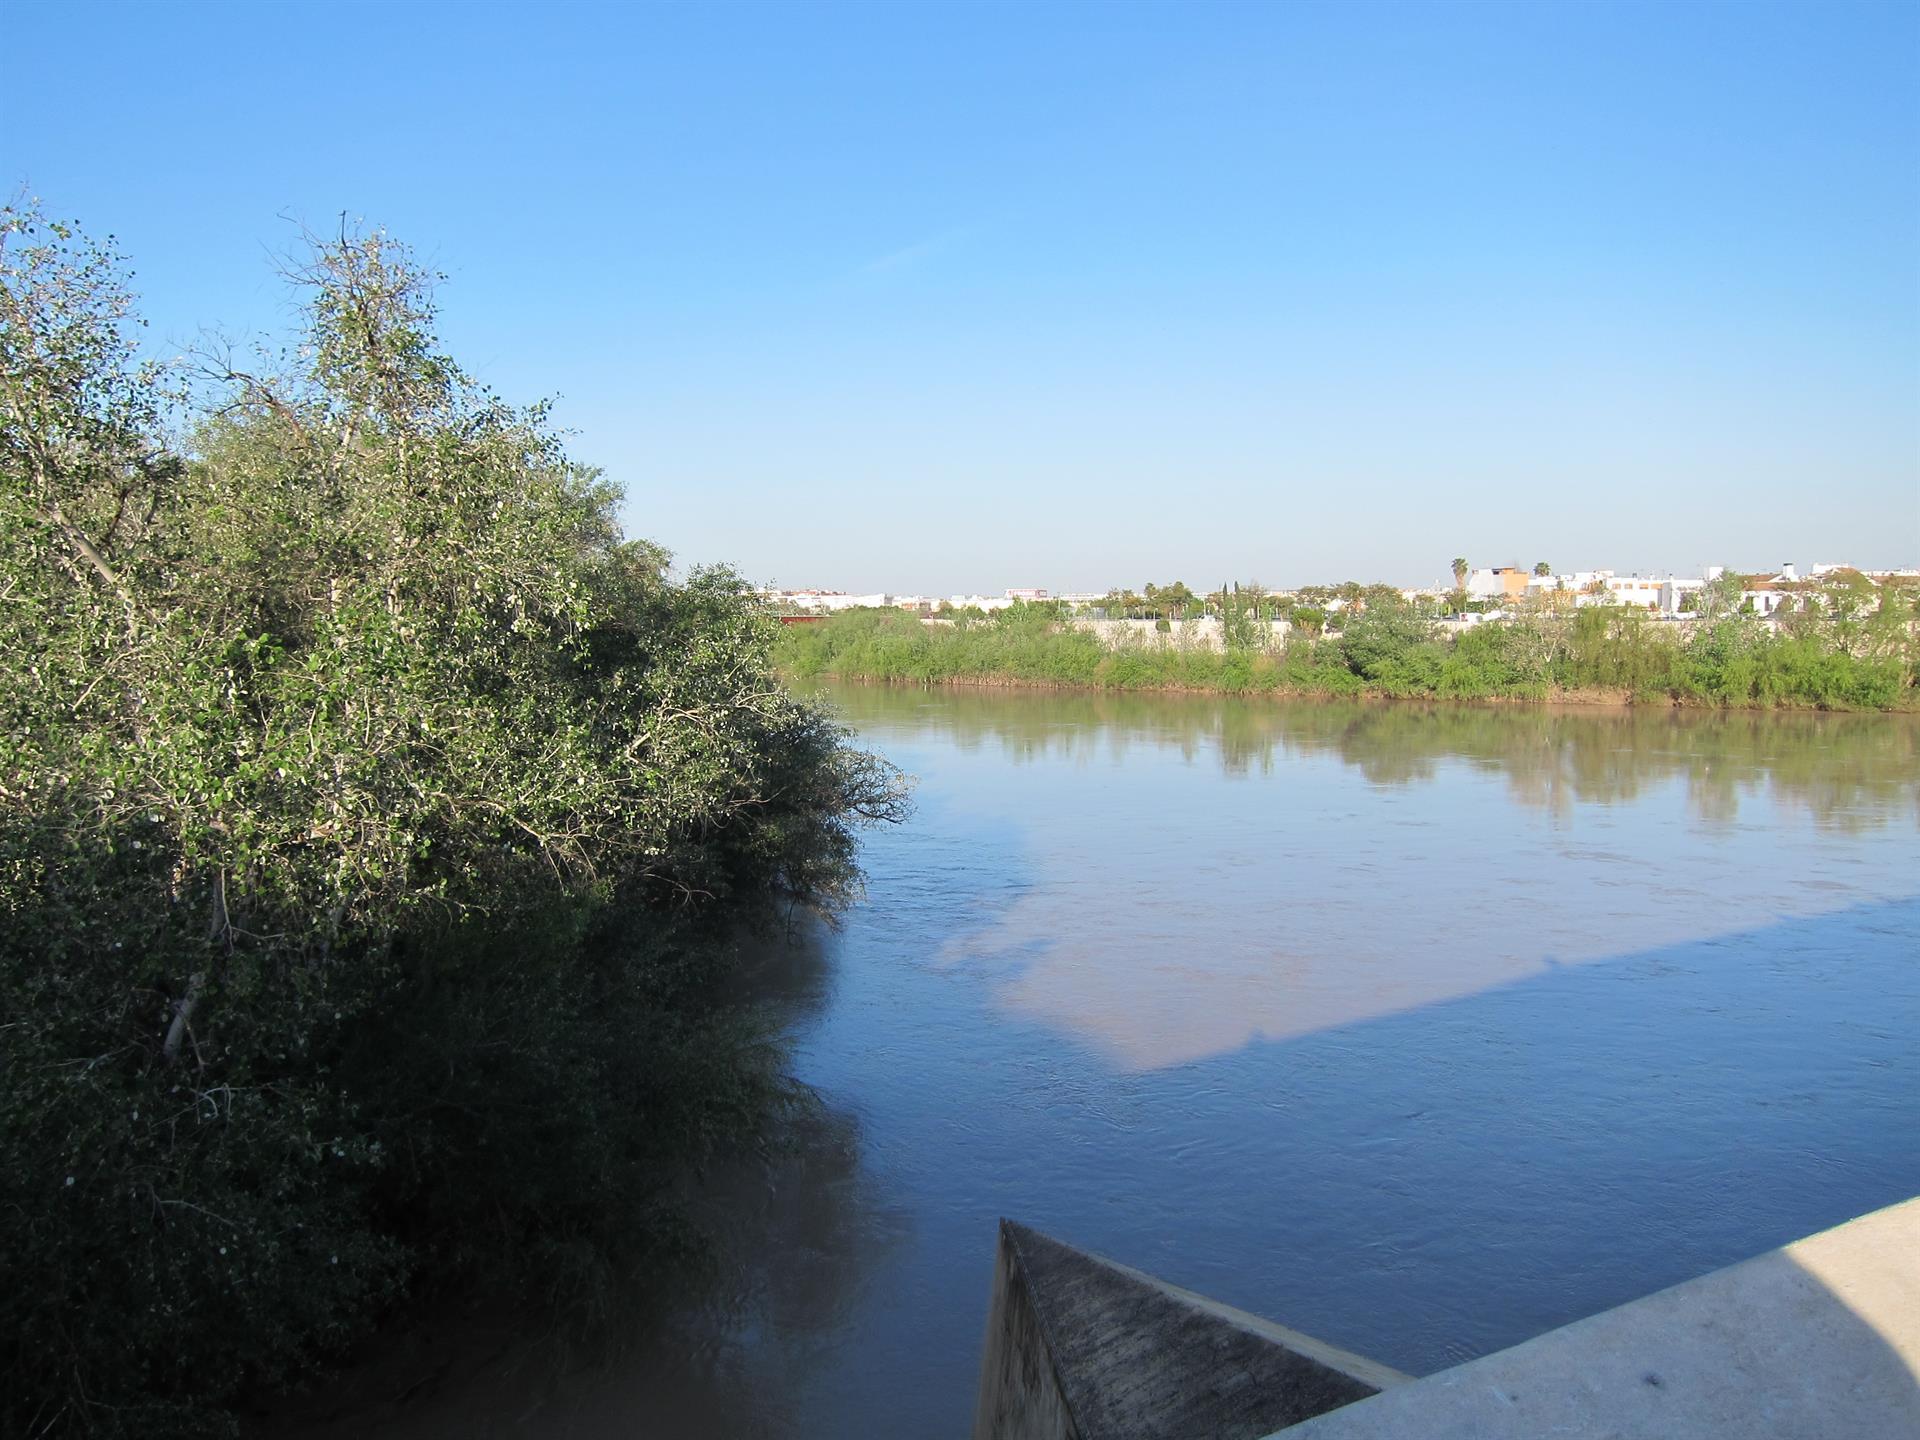 Las precipitaciones de enero en la cuenca del Guadalquivir se sitúan un 26% por encima de la media histórica